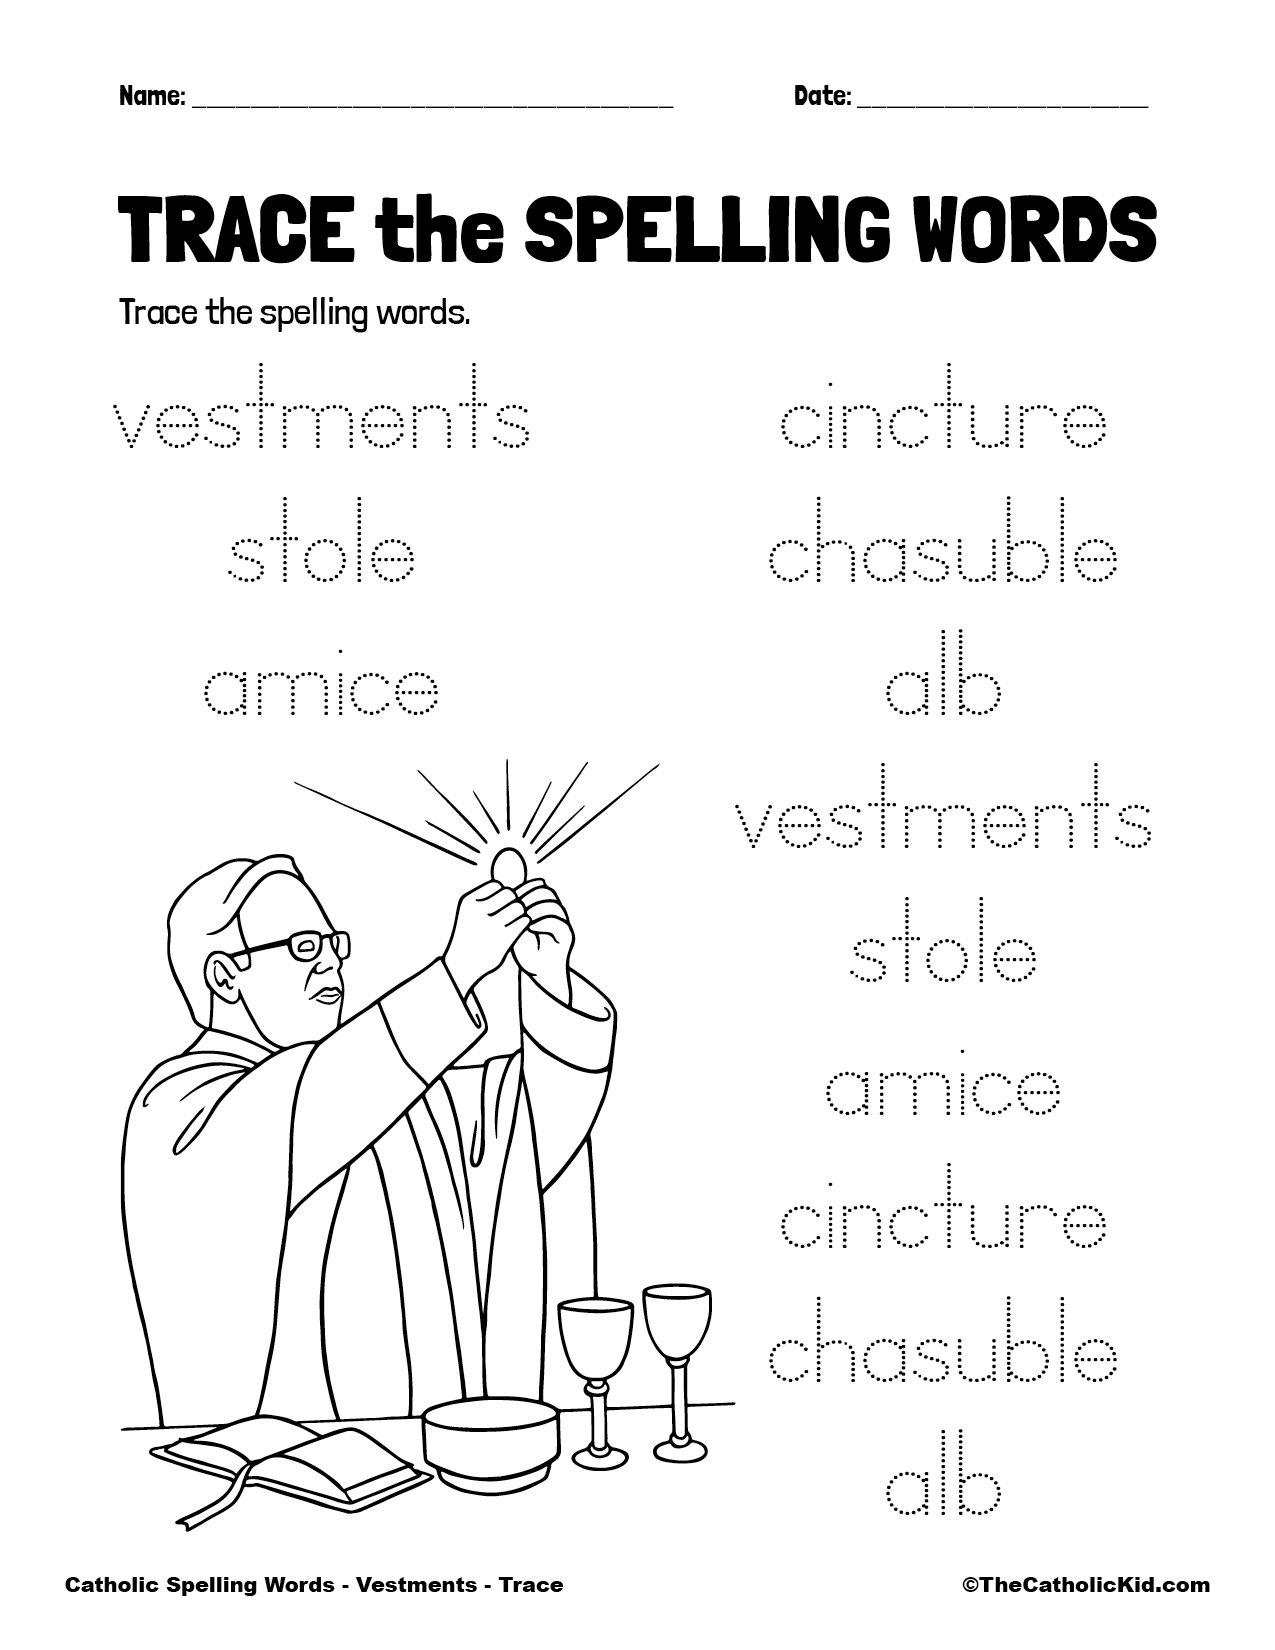 Catholic Spelling & Vocabulary Words Vestments Worksheet 2 Trace